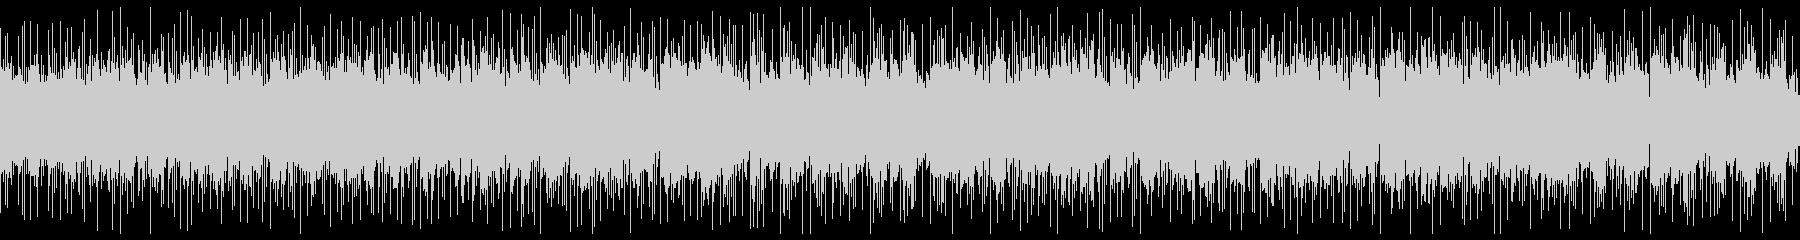 ゲームの氷の洞窟のシーンをイメージした曲の未再生の波形